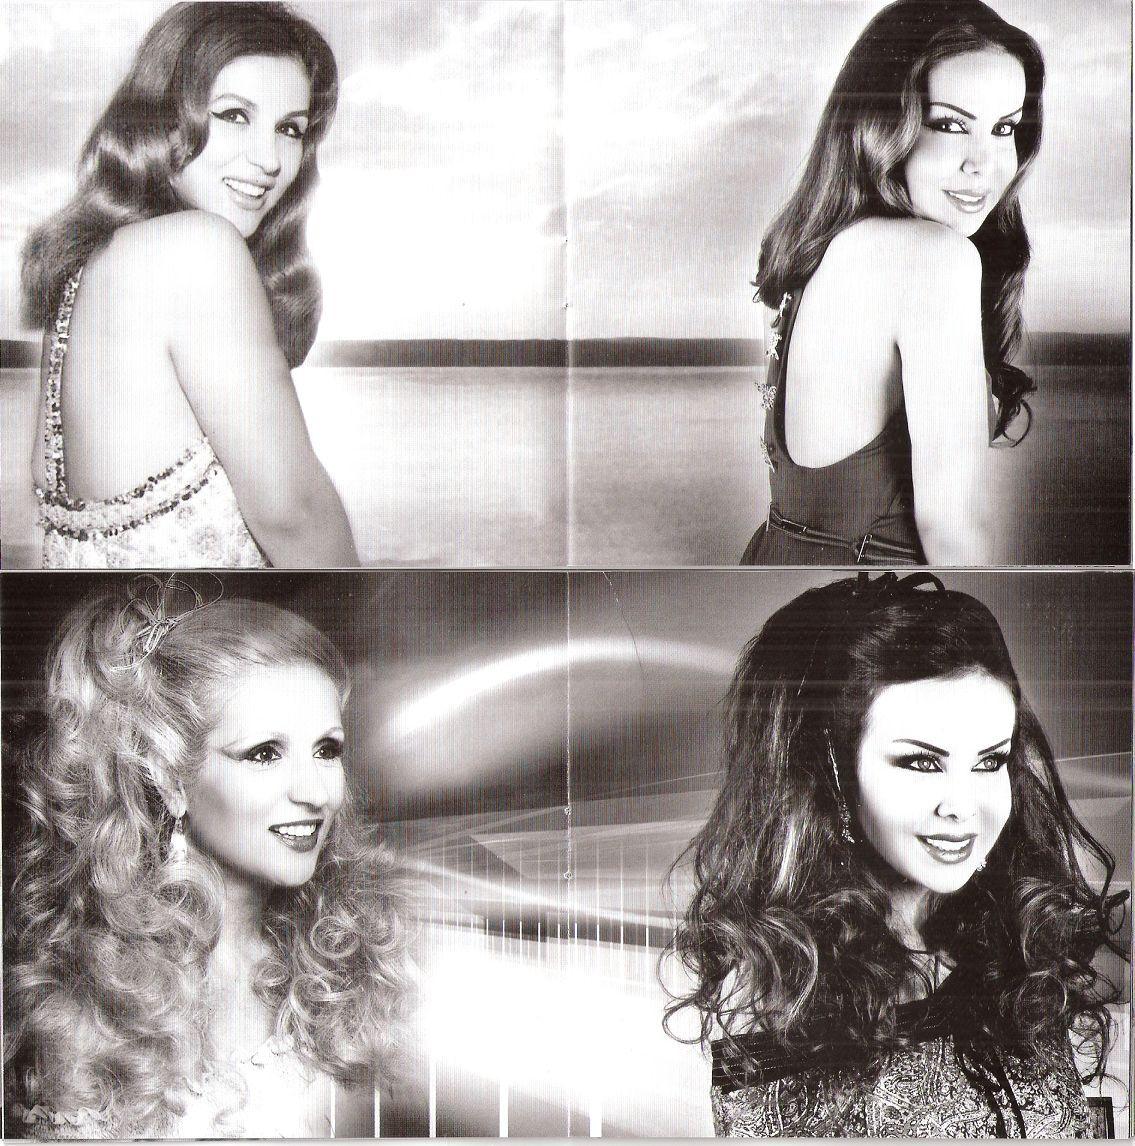 Fairouz Songs intended for ya dala3, zay el 3asal, 3al nada, sa3at, sabah /rola 2 hours